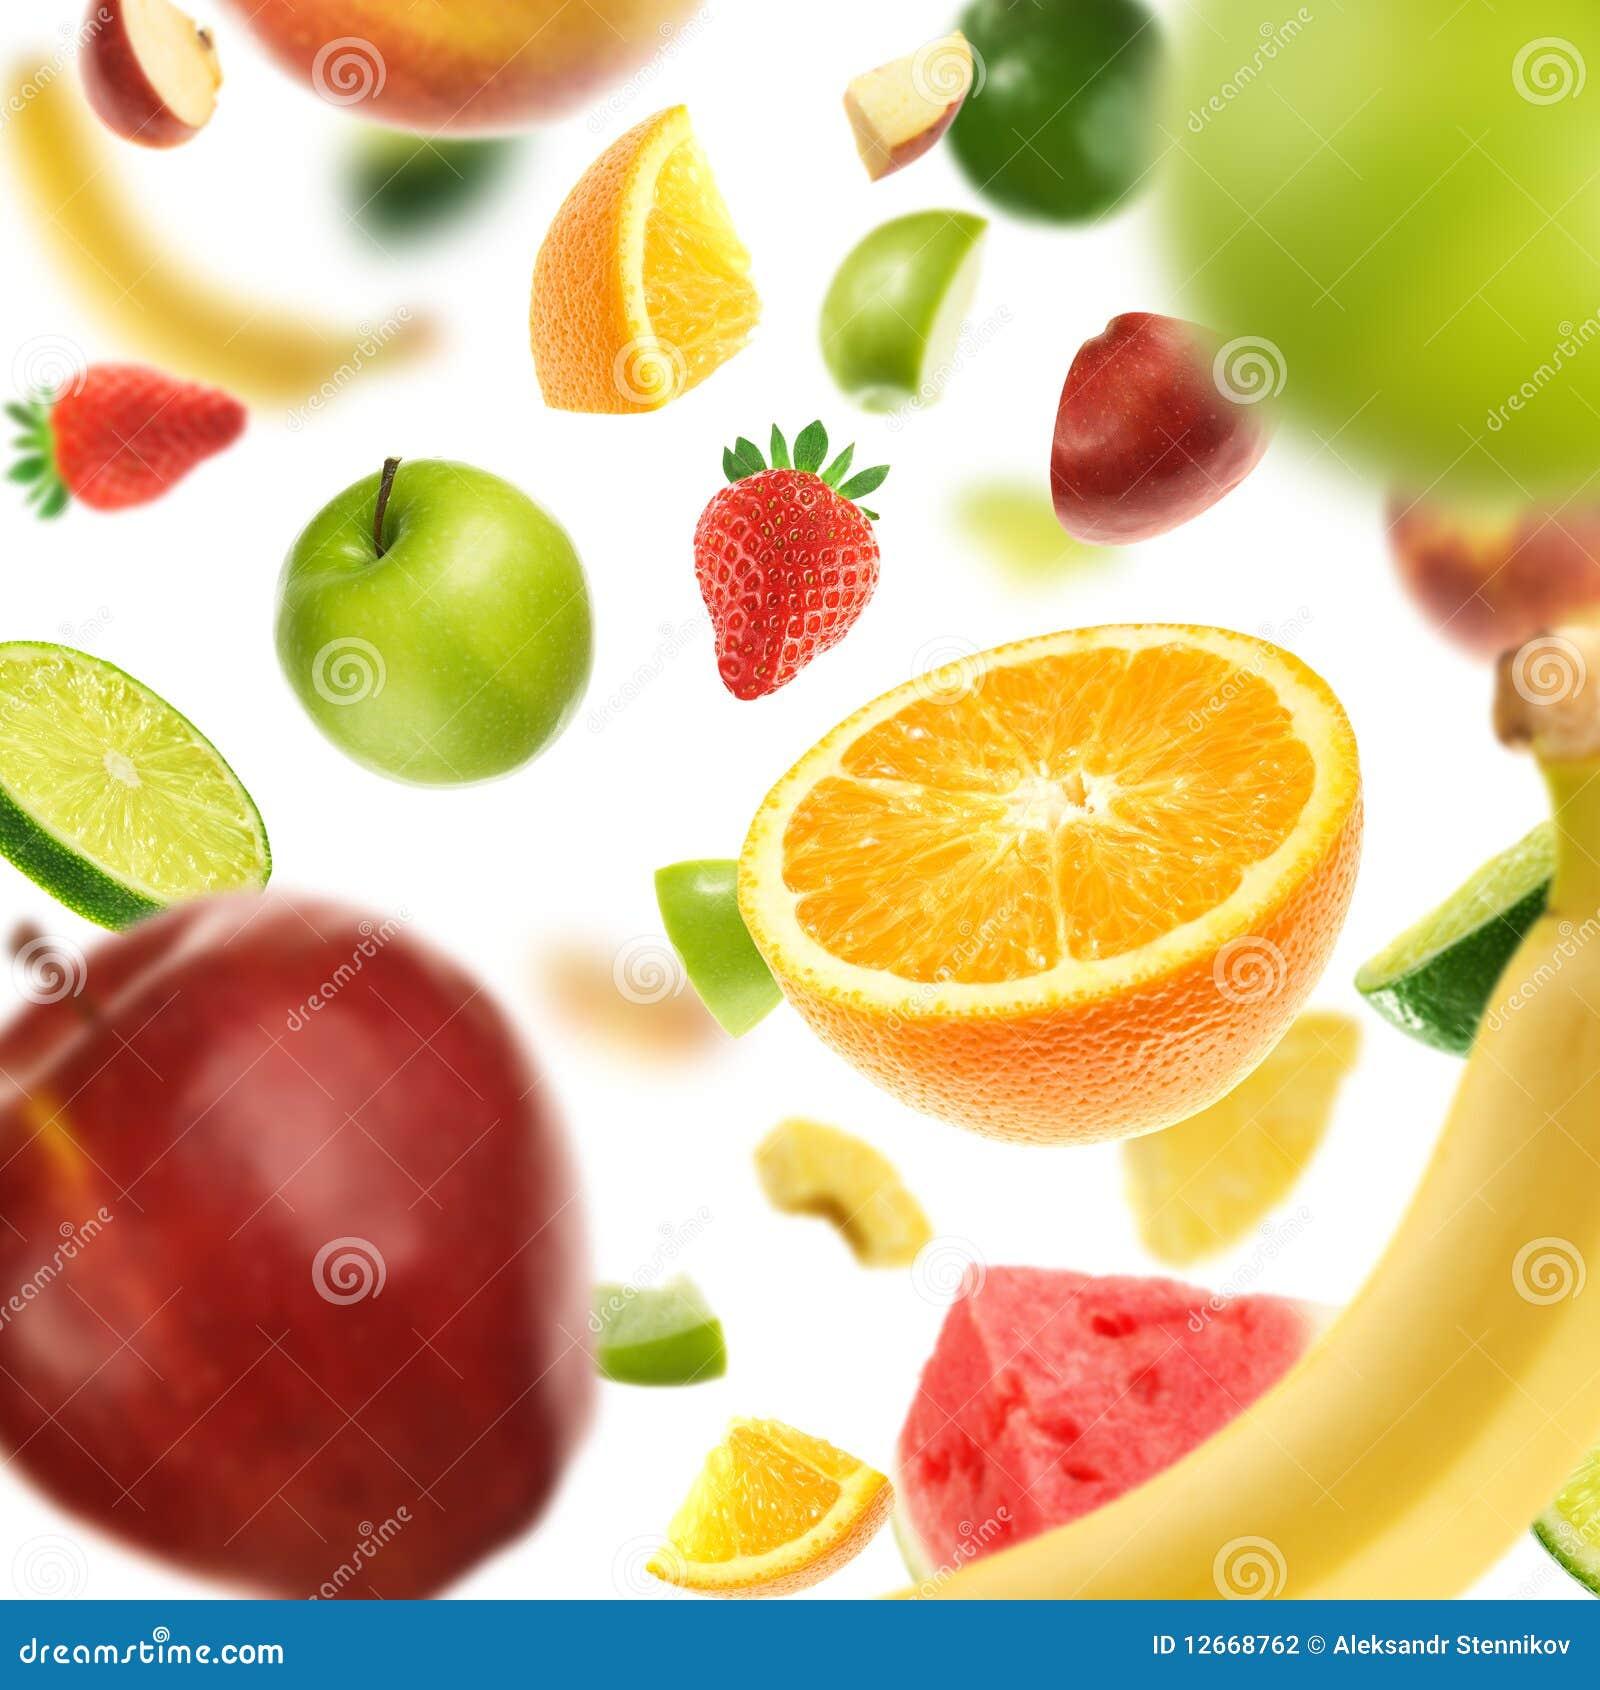 Multi Fruit